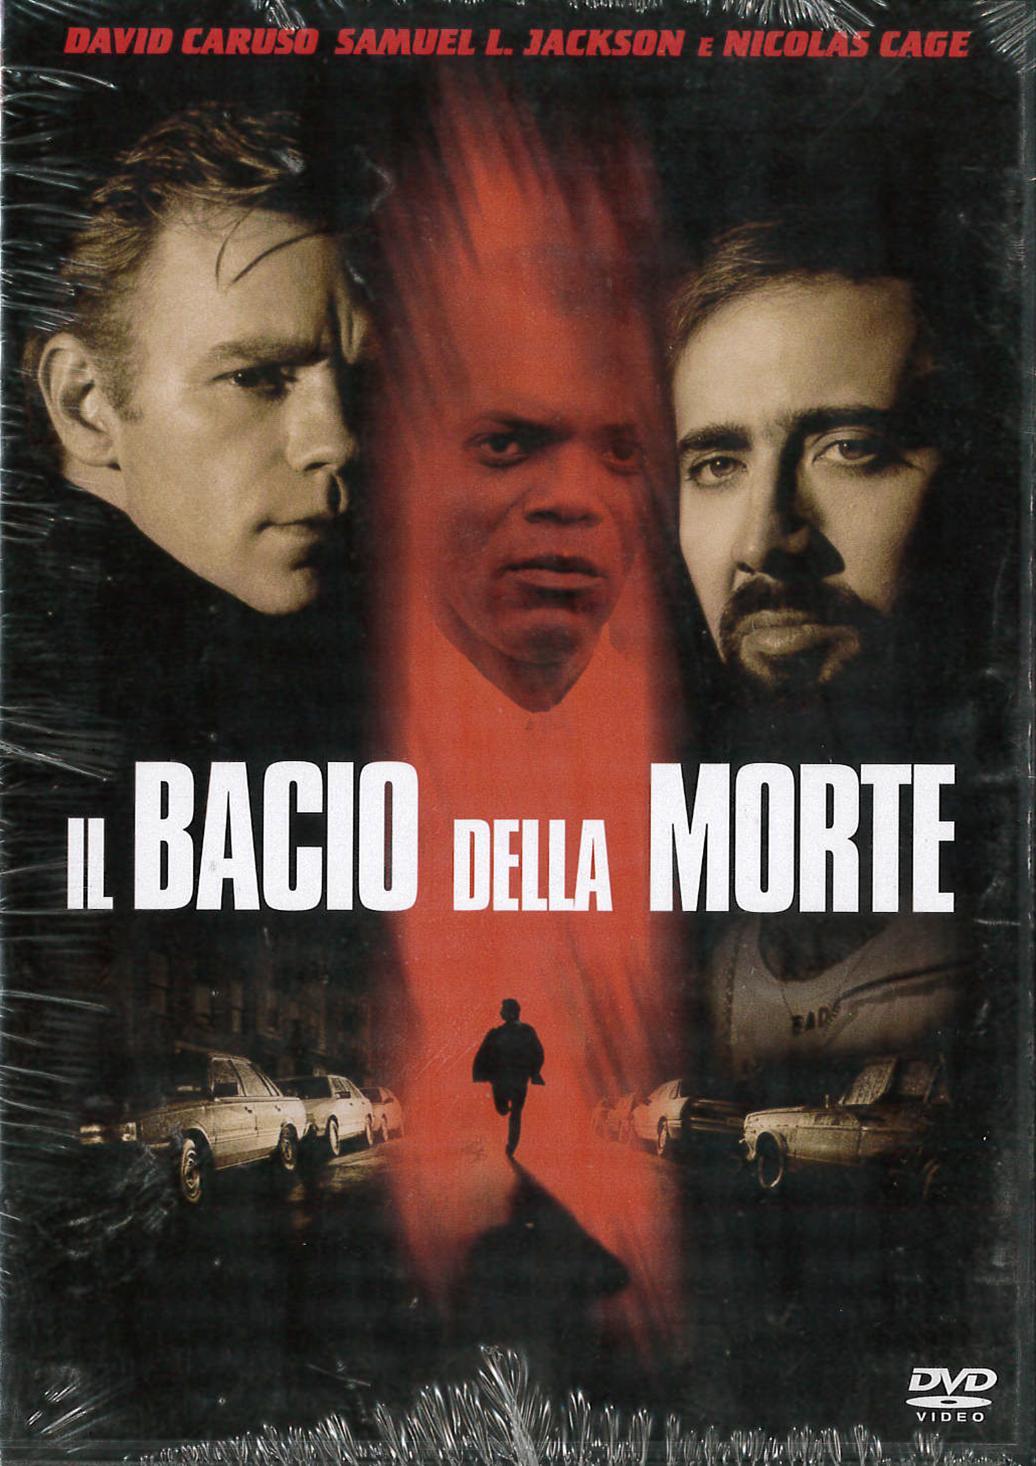 IL BACIO DELLA MORTE (1995) (DVD)